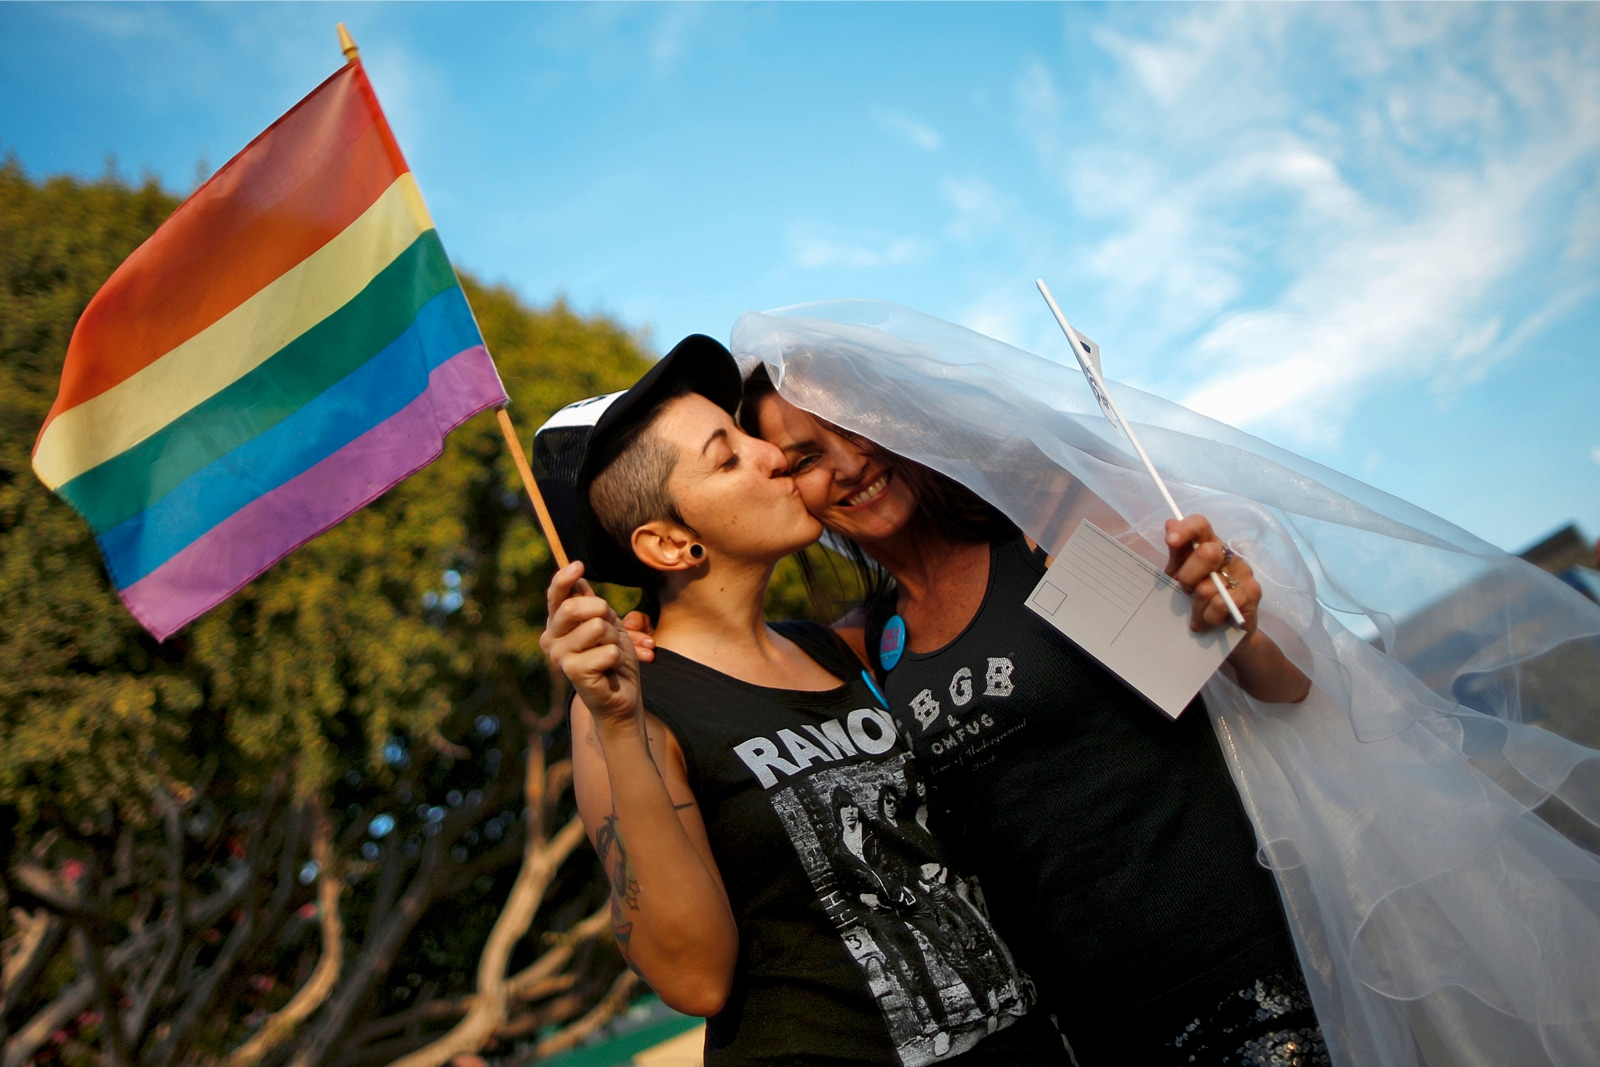 video porno gay maschi corso di italiano